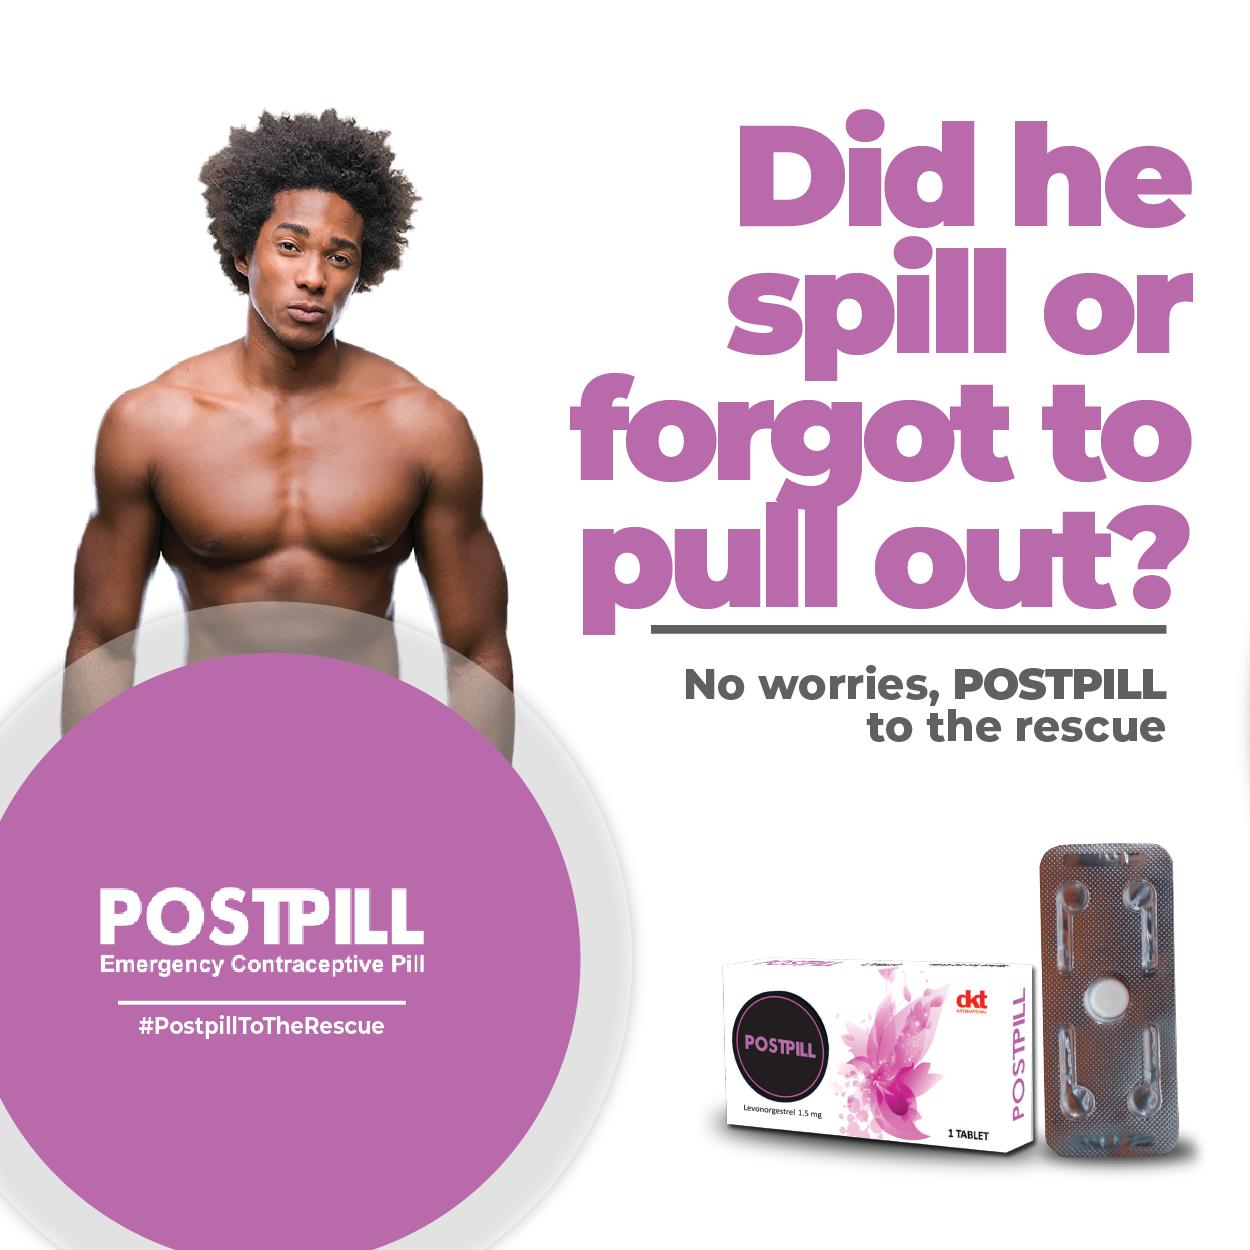 Postpill